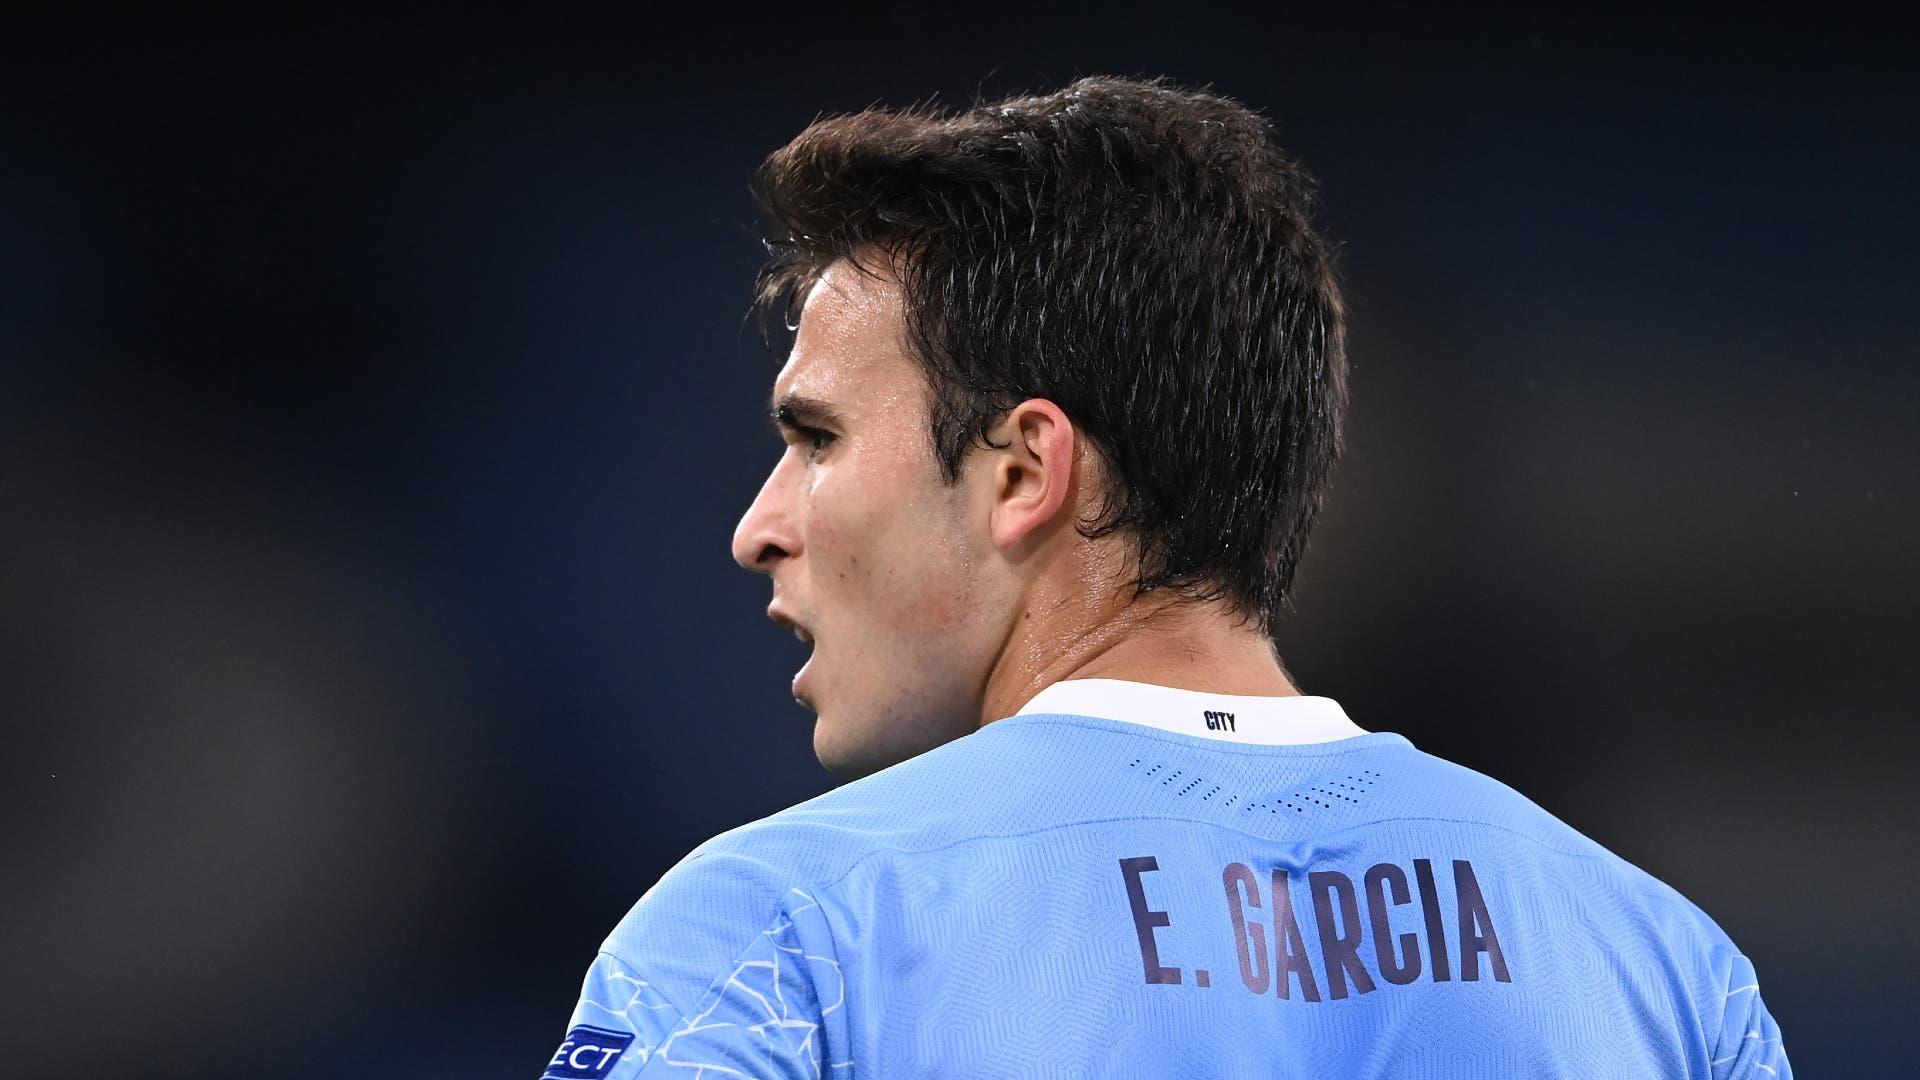 غوارديولا يؤكد انتقال غارسيا إلى برشلونة